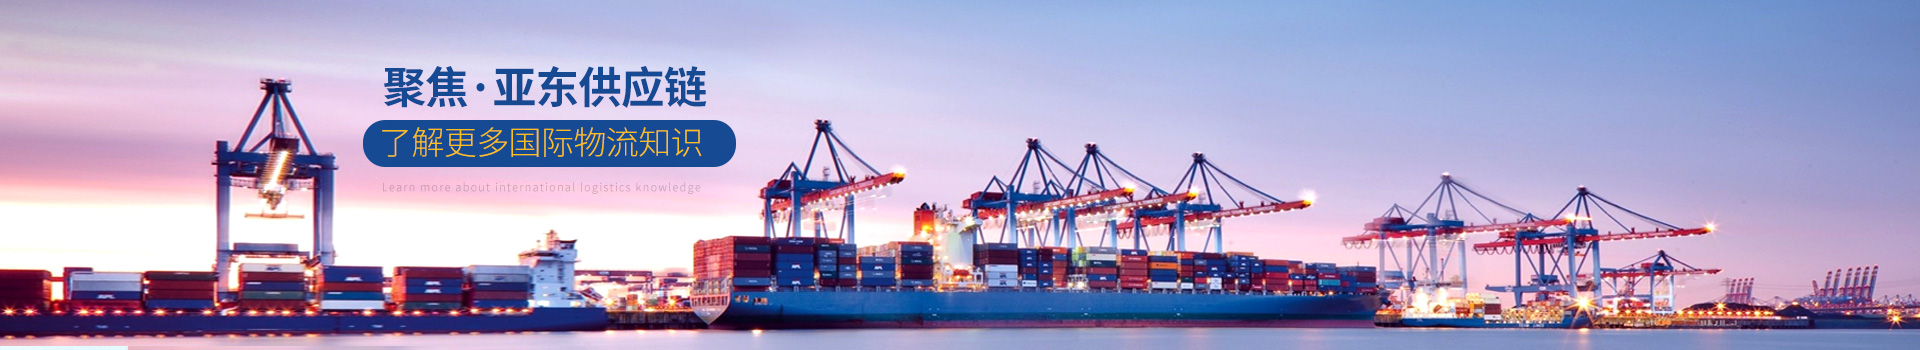 亚东供应链-了解更多国际物流知识